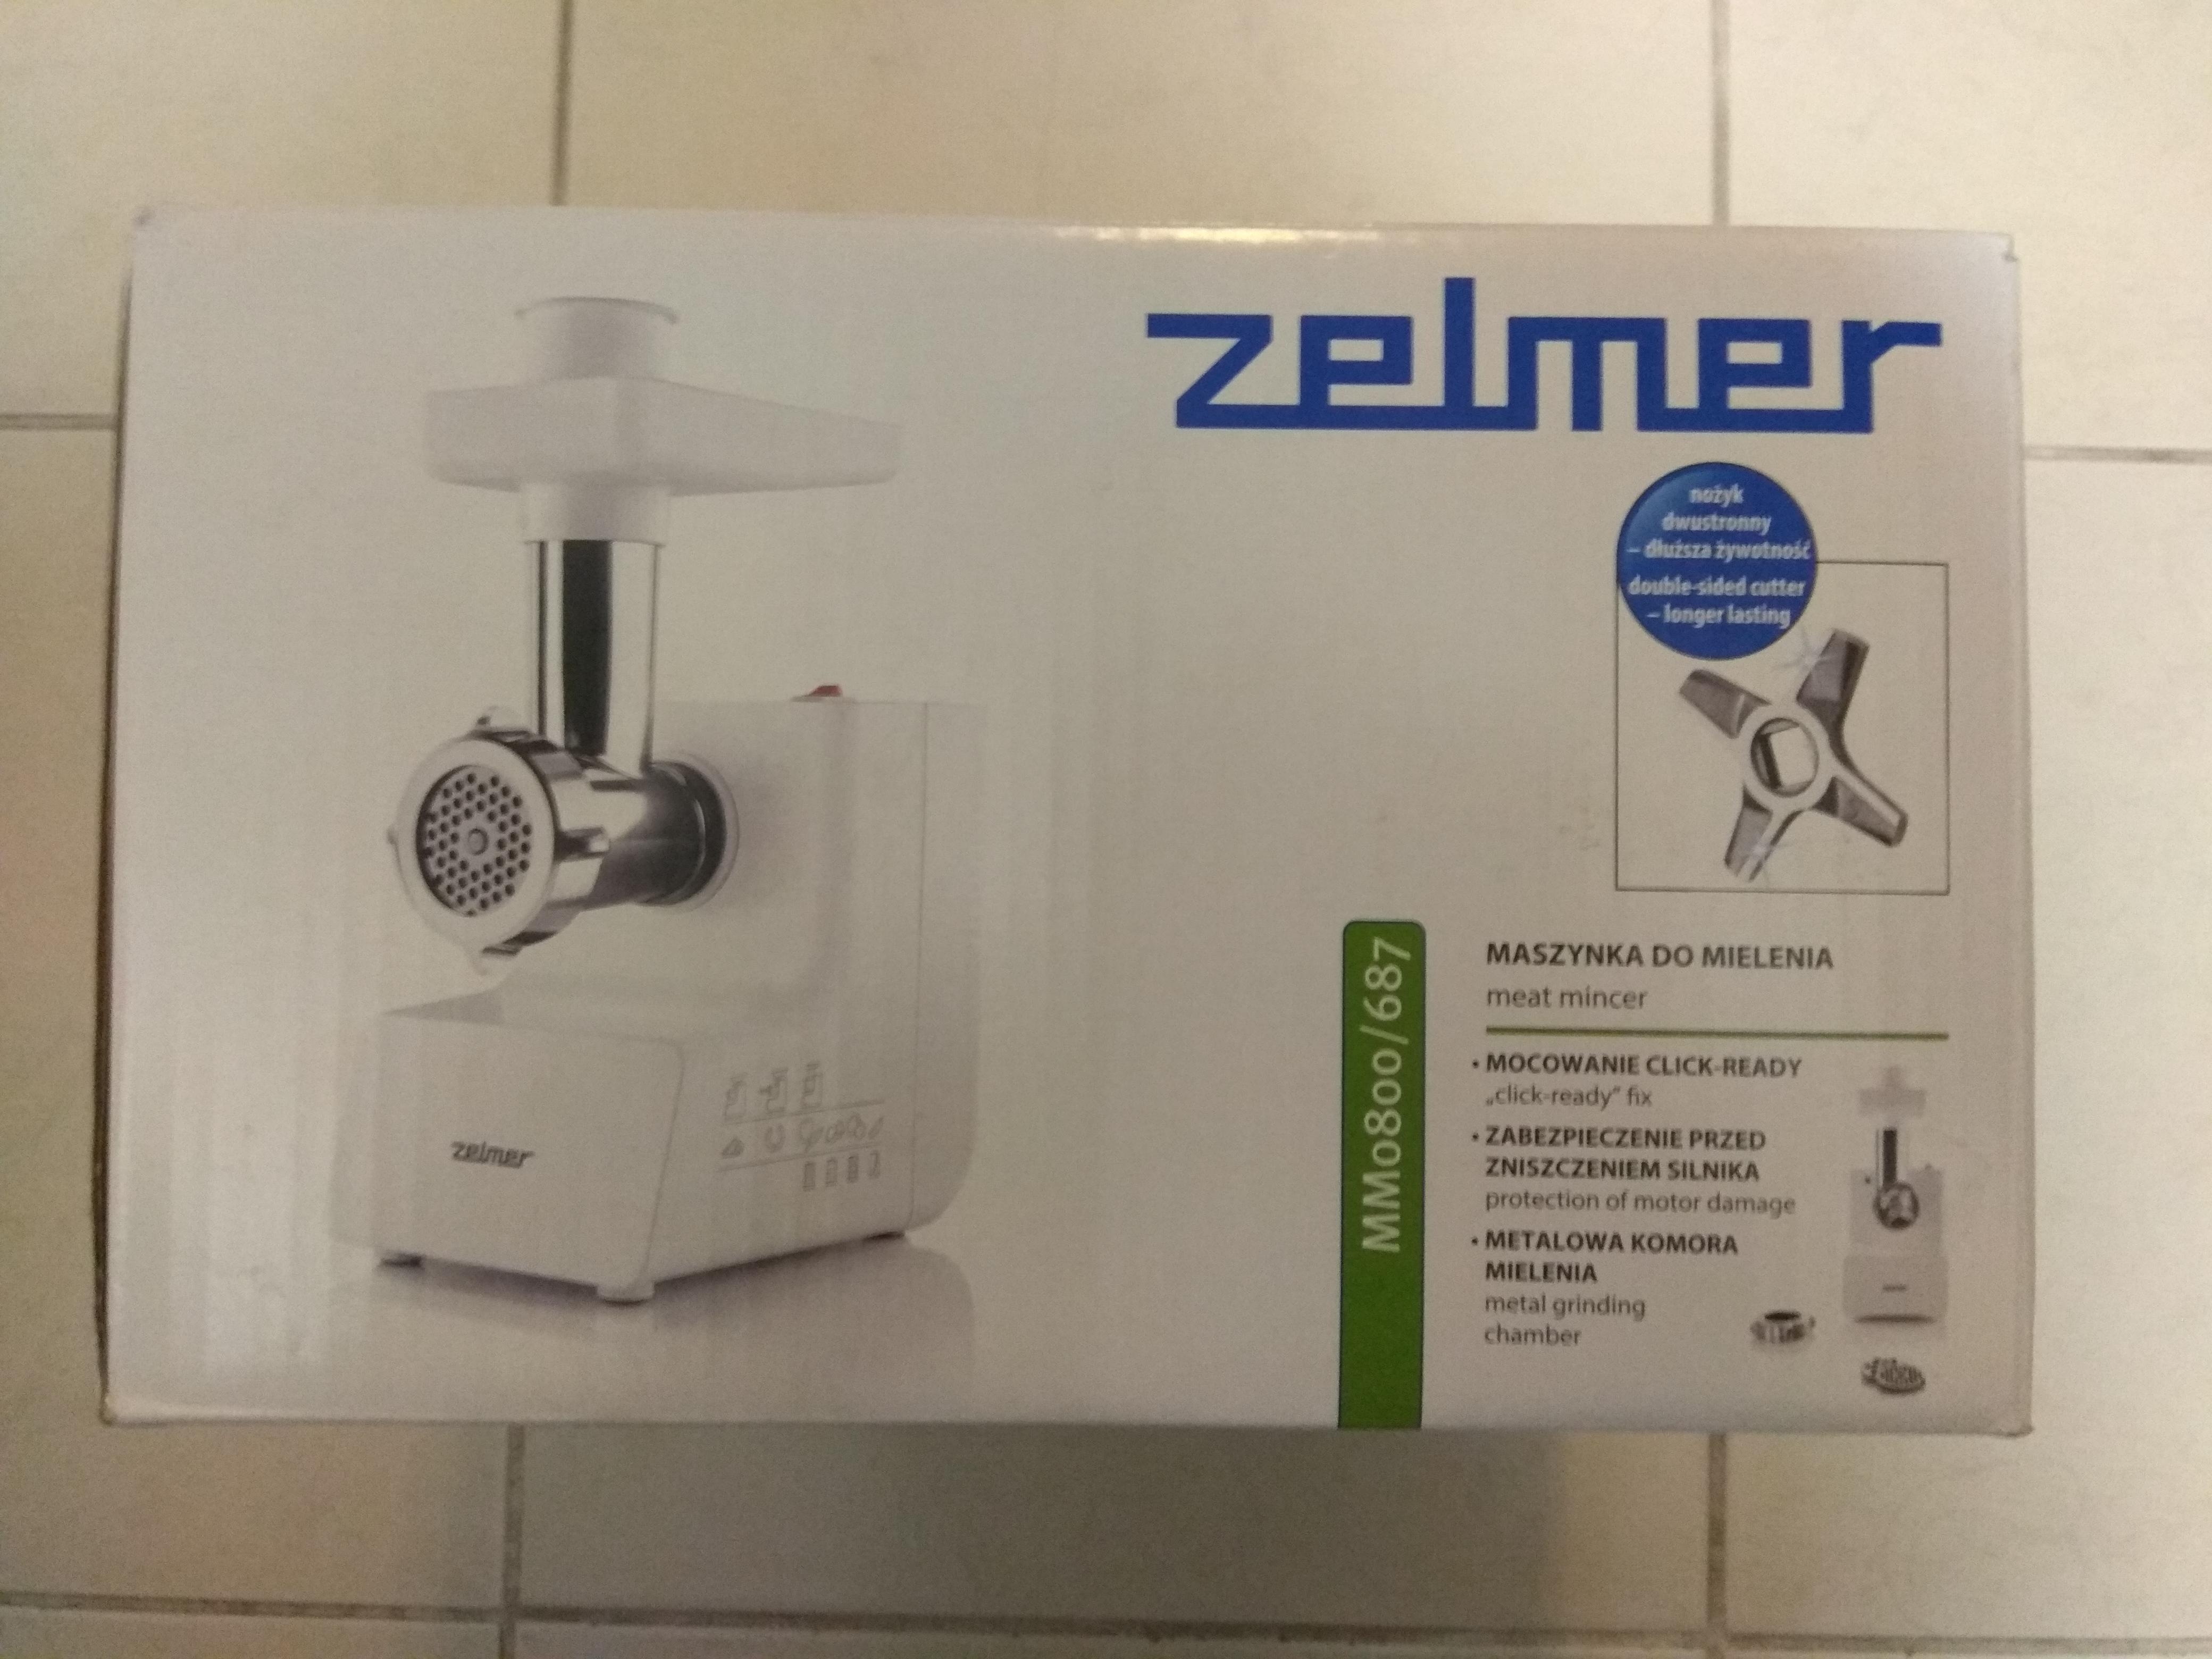 Maszynka do mielenia Zelmer  - Kaufland